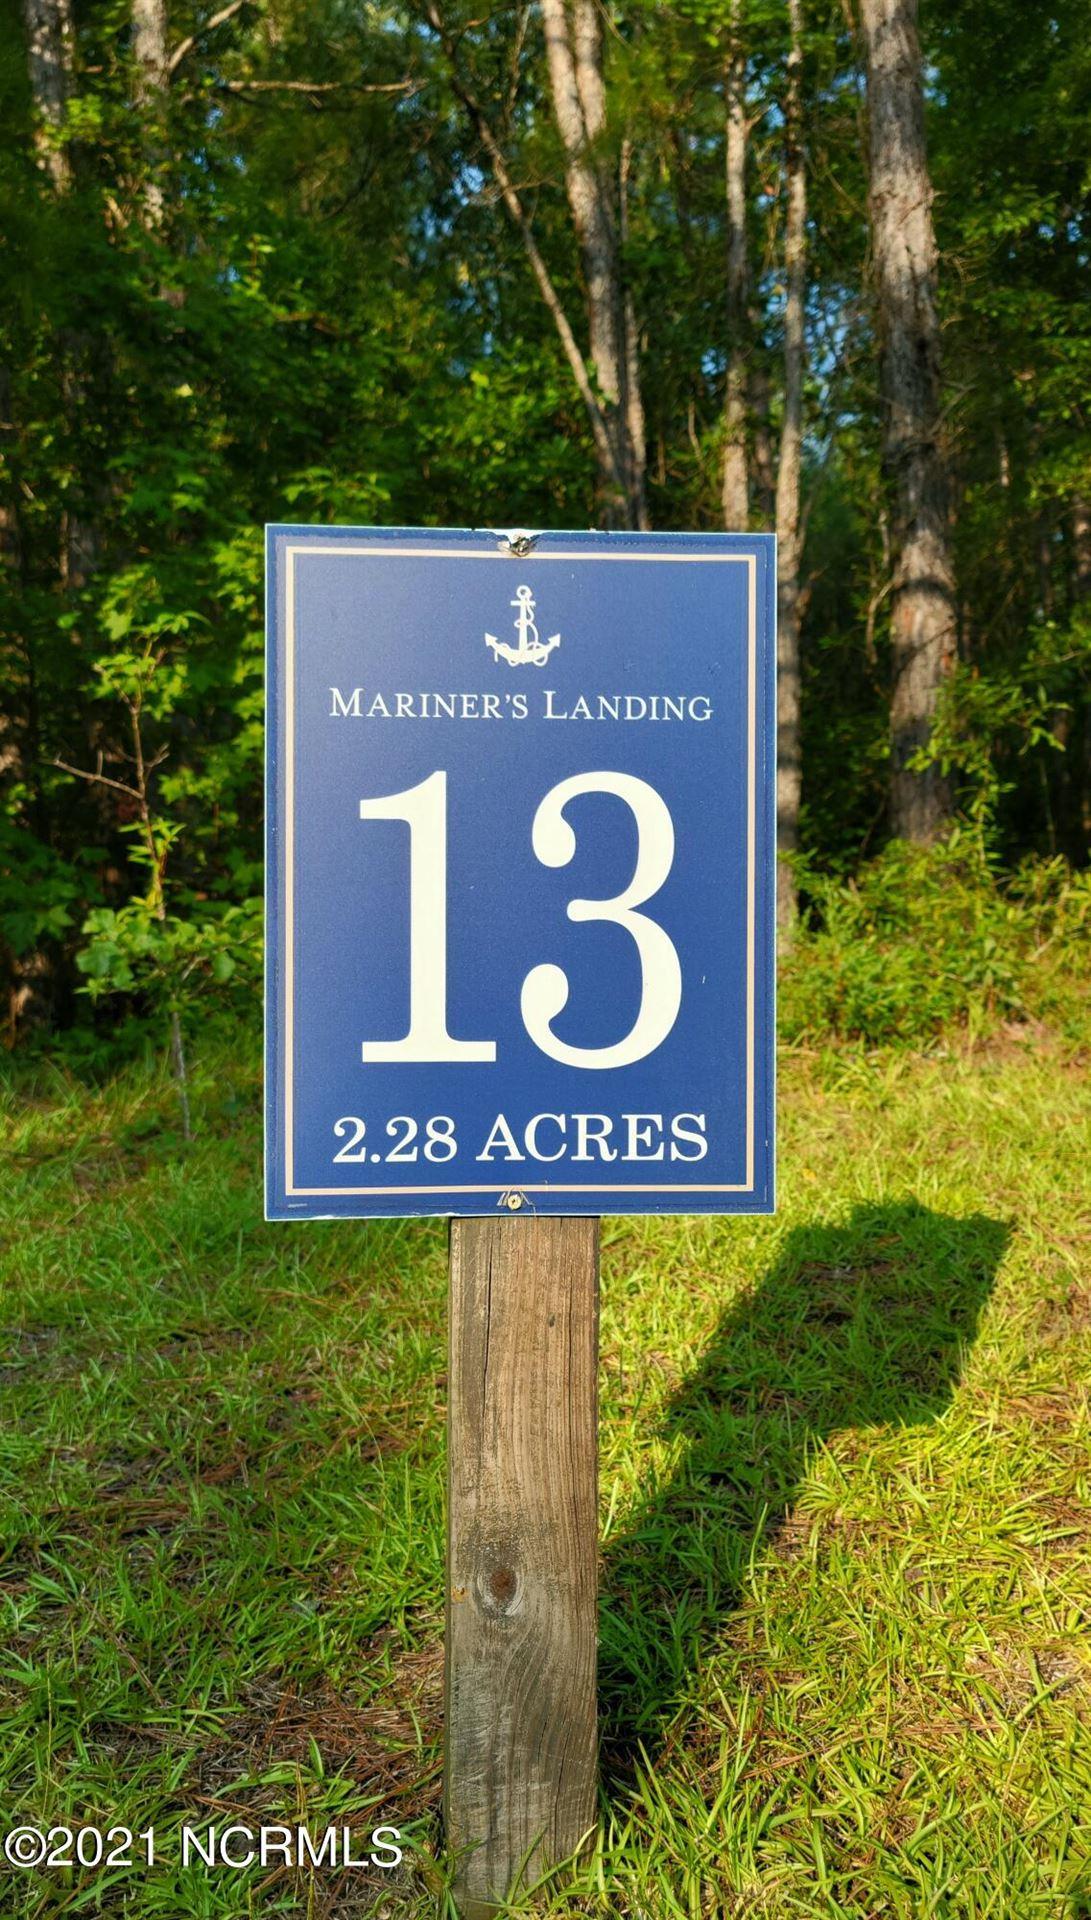 Photo of 94 N Berne Landing Road, New Bern, NC 28560 (MLS # 100283668)